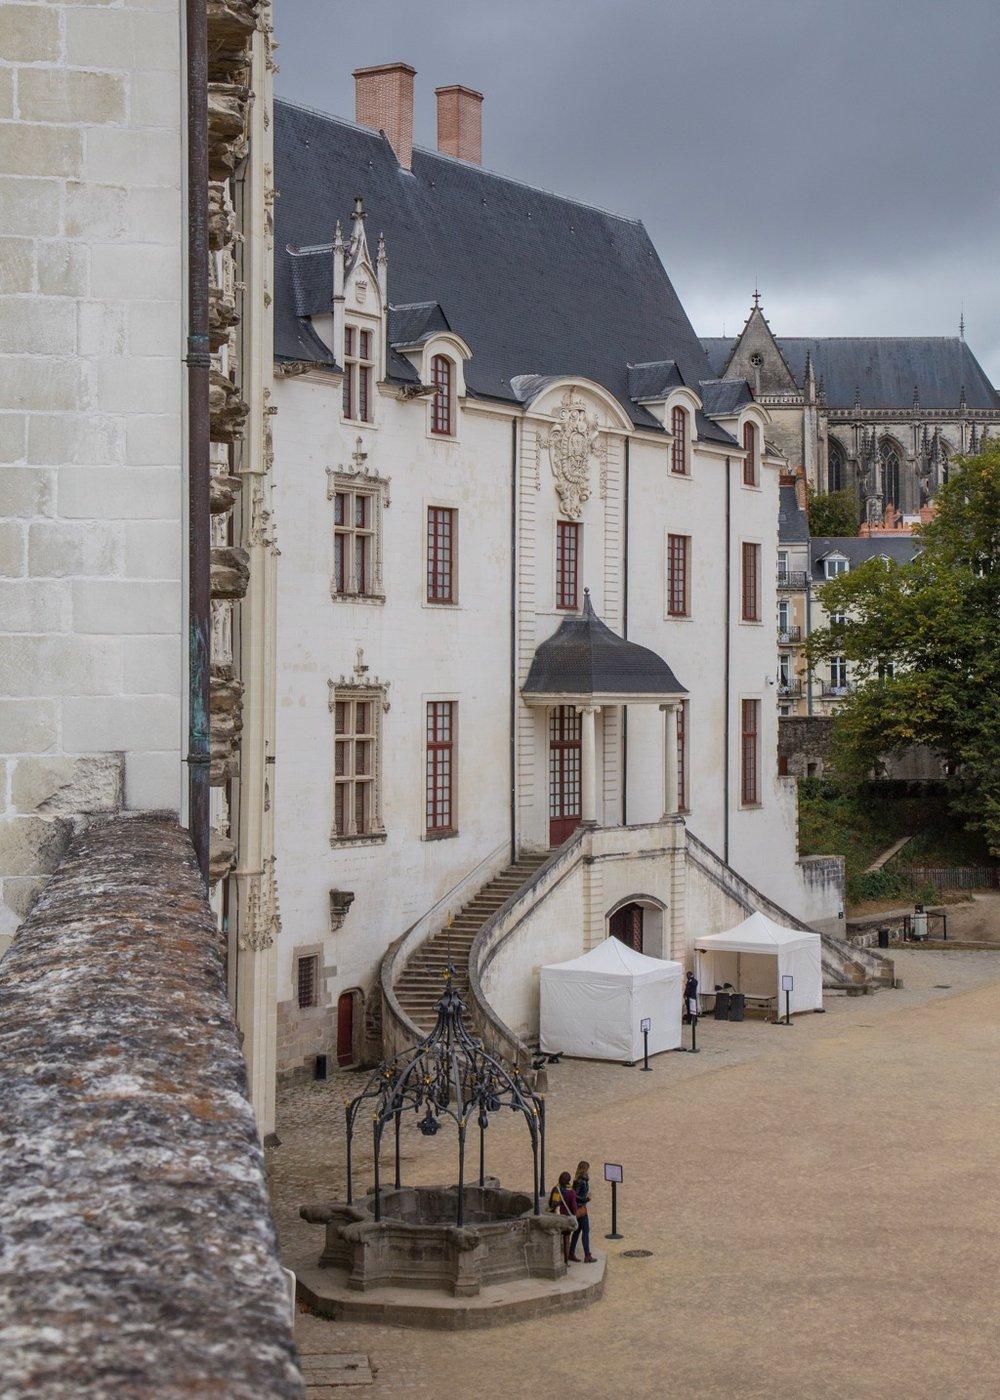 Inside the Château des ducs de Bretagne